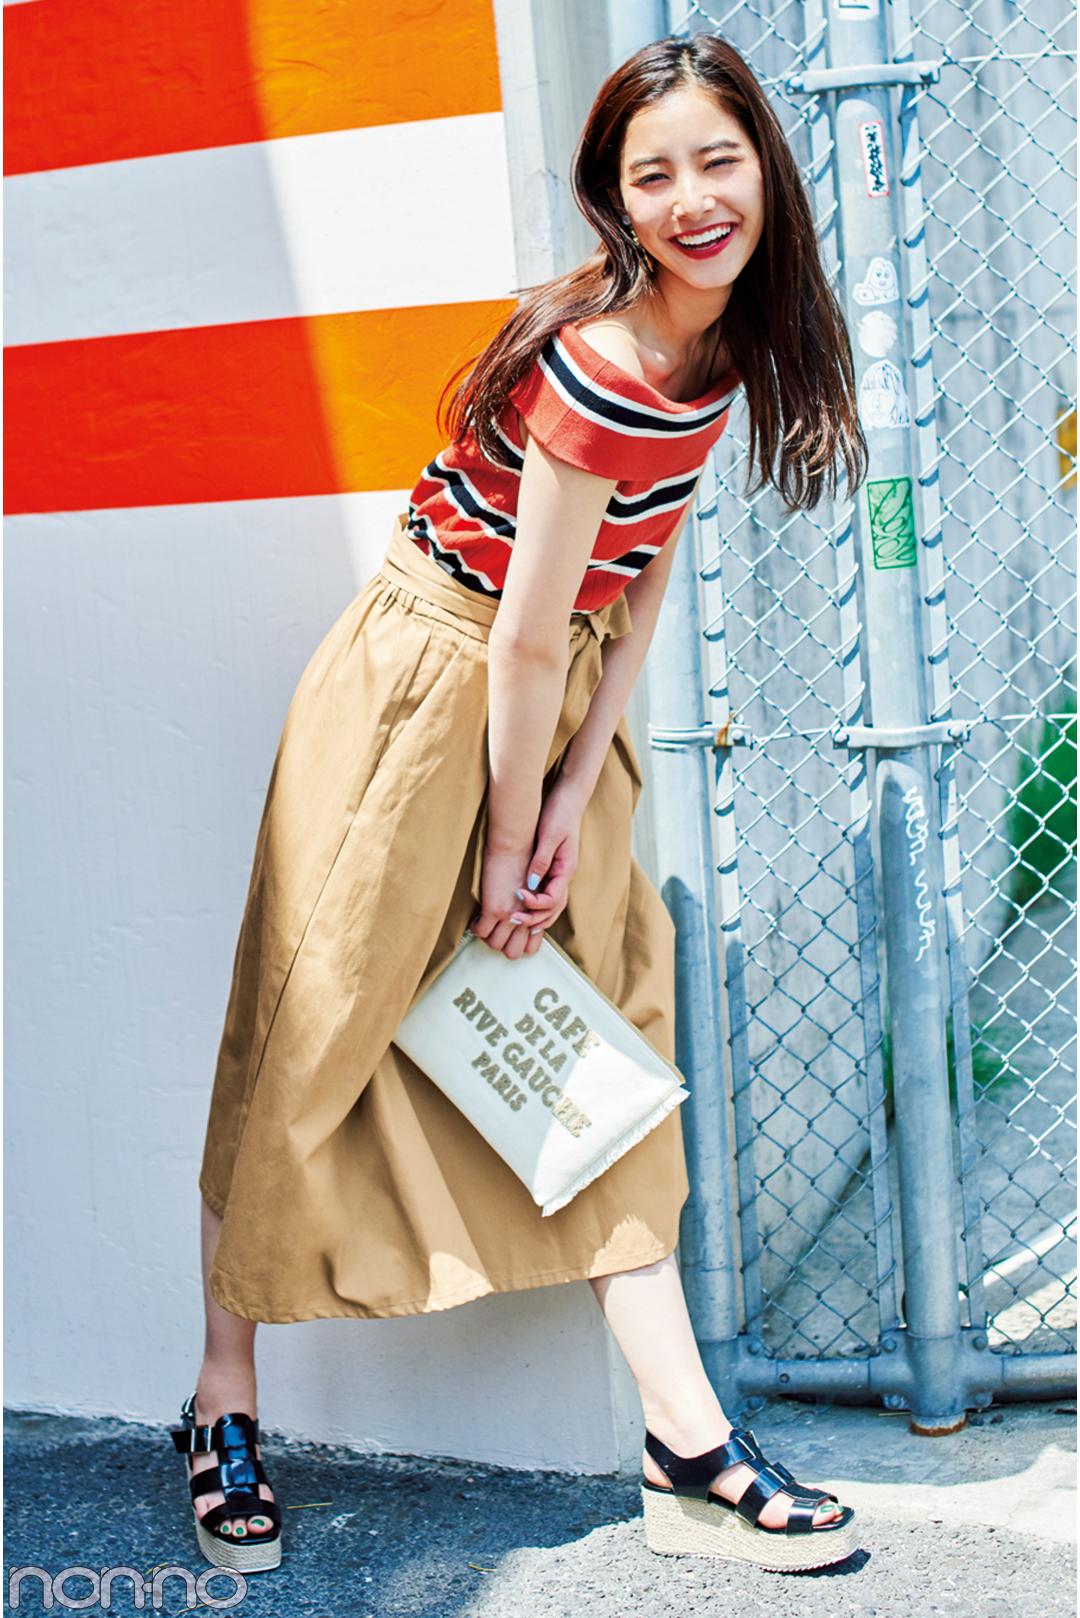 新木優子のチノスカート着回しコーデ♡ カジュアル派におすすめ!_1_3-3